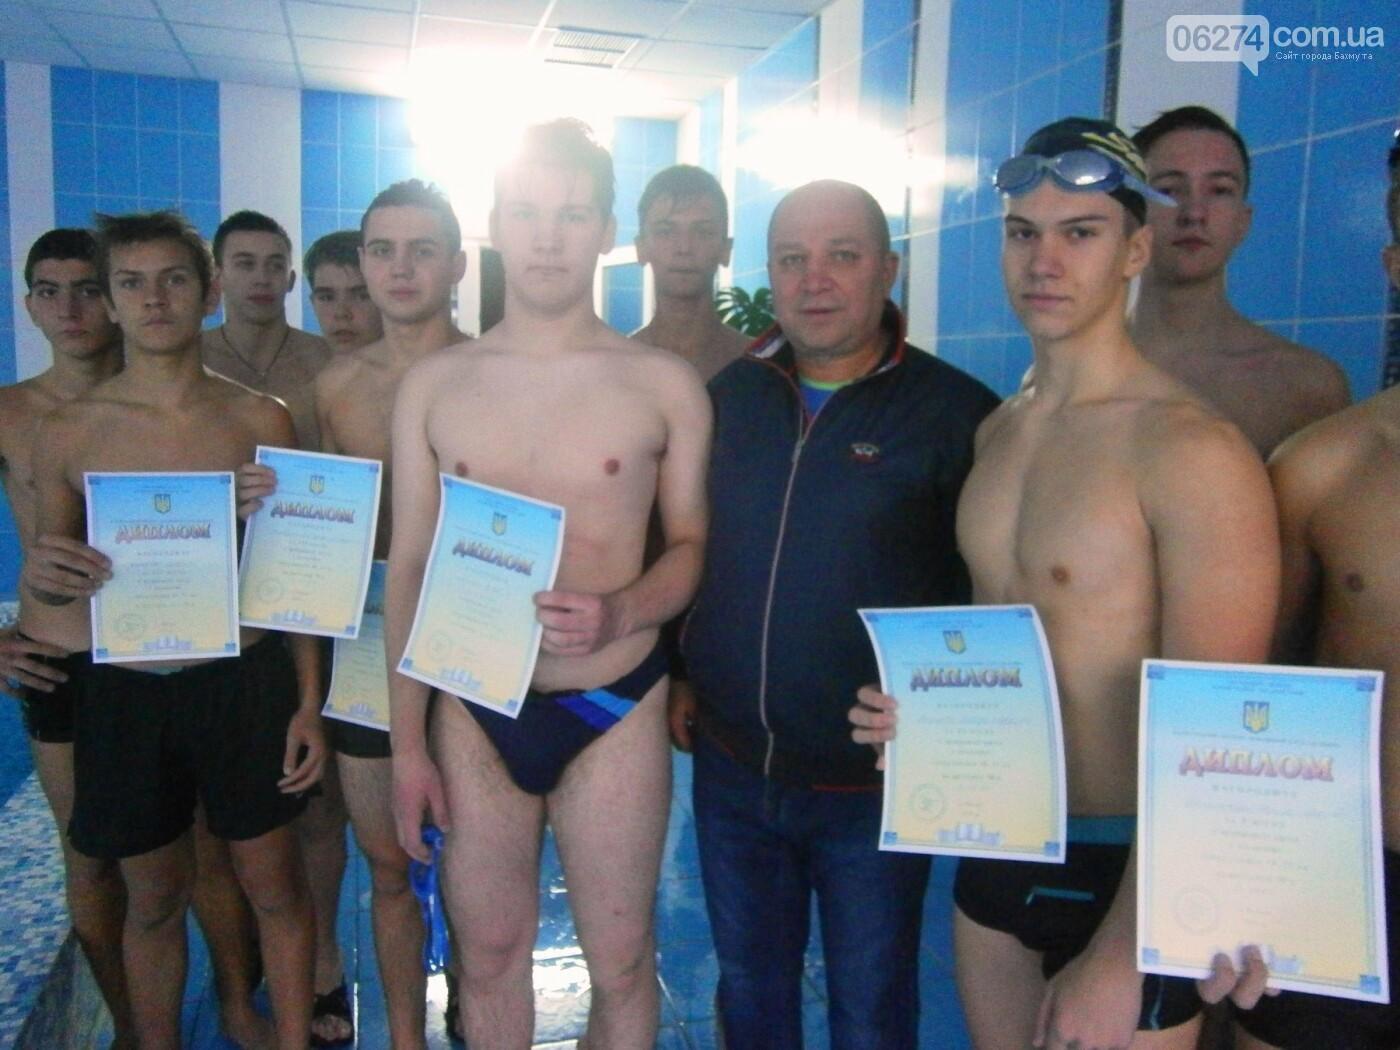 Плавательный сезон в ДЮК «Дельфин» начали старшеклассники Бахмута, фото-6